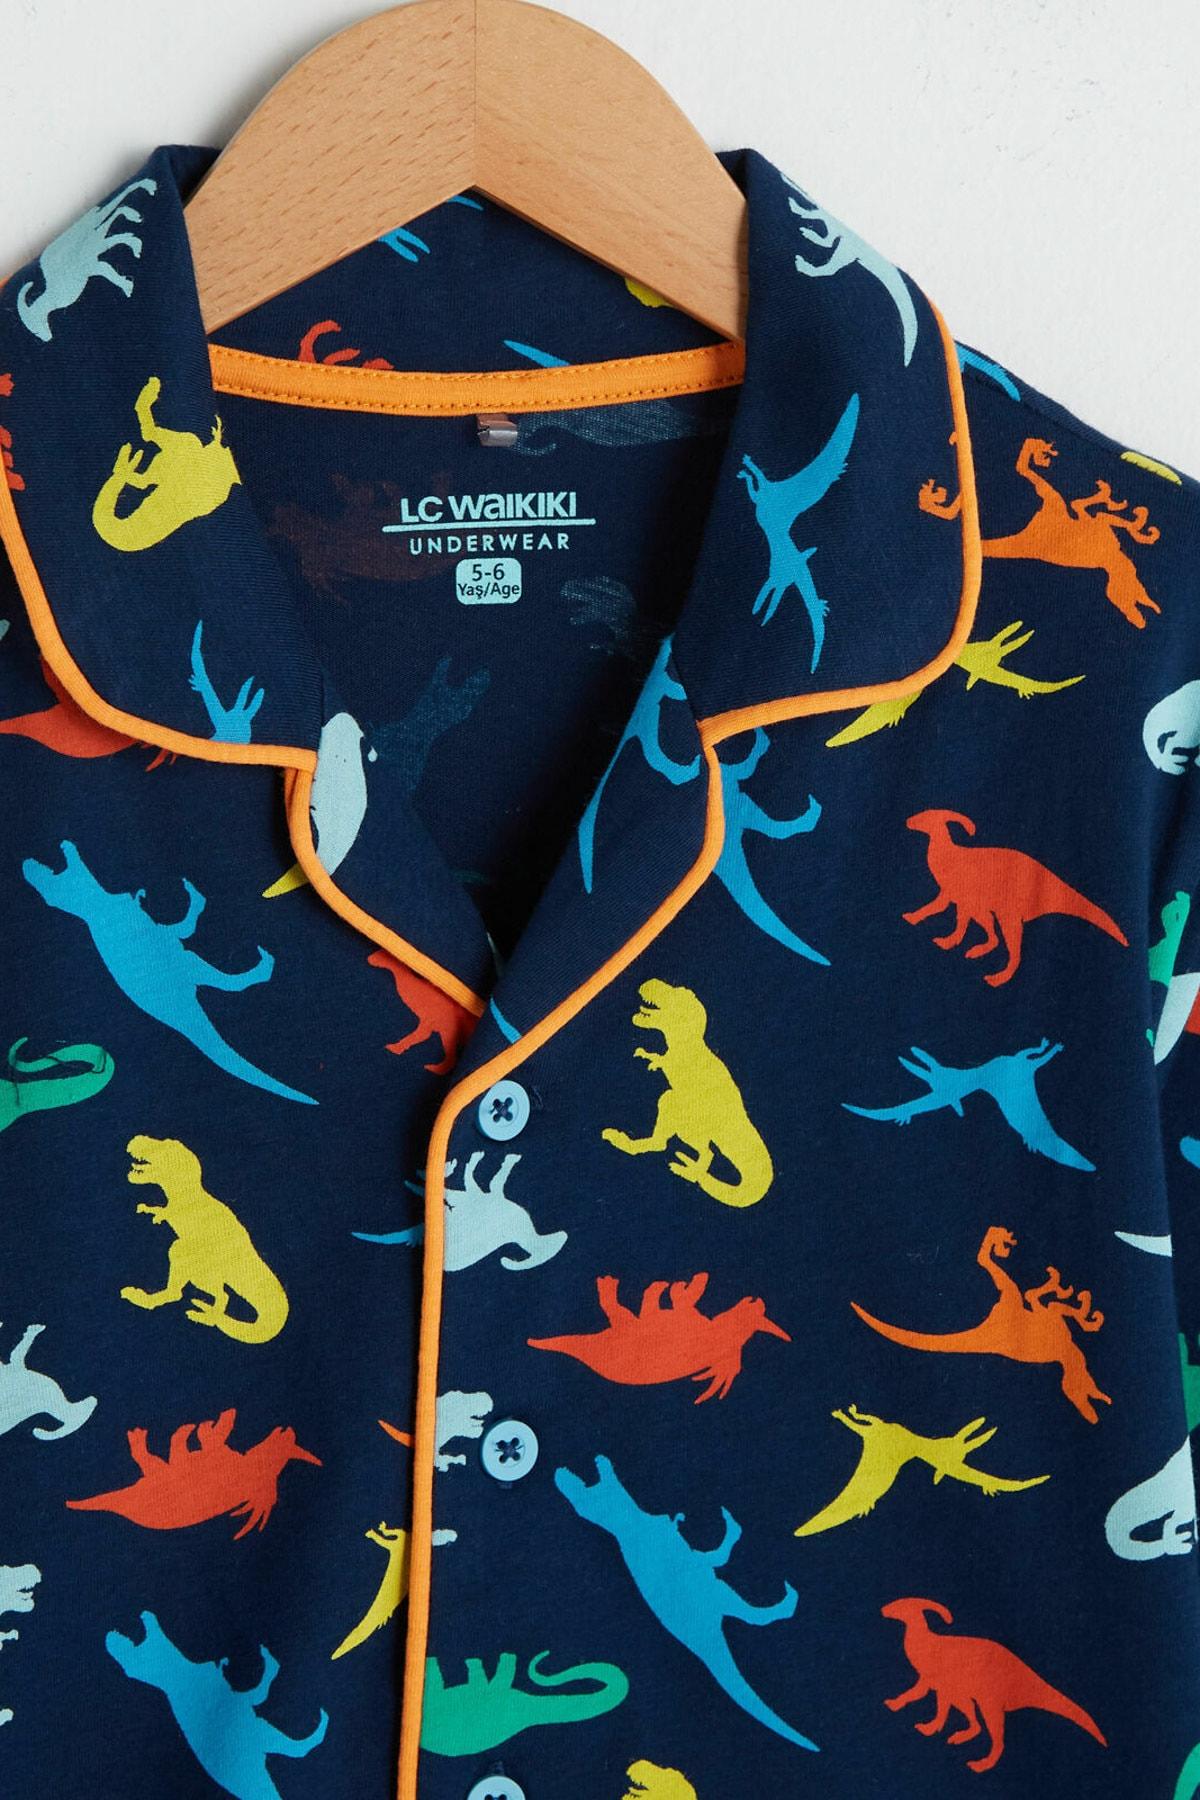 LC Waikiki Erkek Çocuk Lacivert Baskılı Lsj Pijama Takımı 2